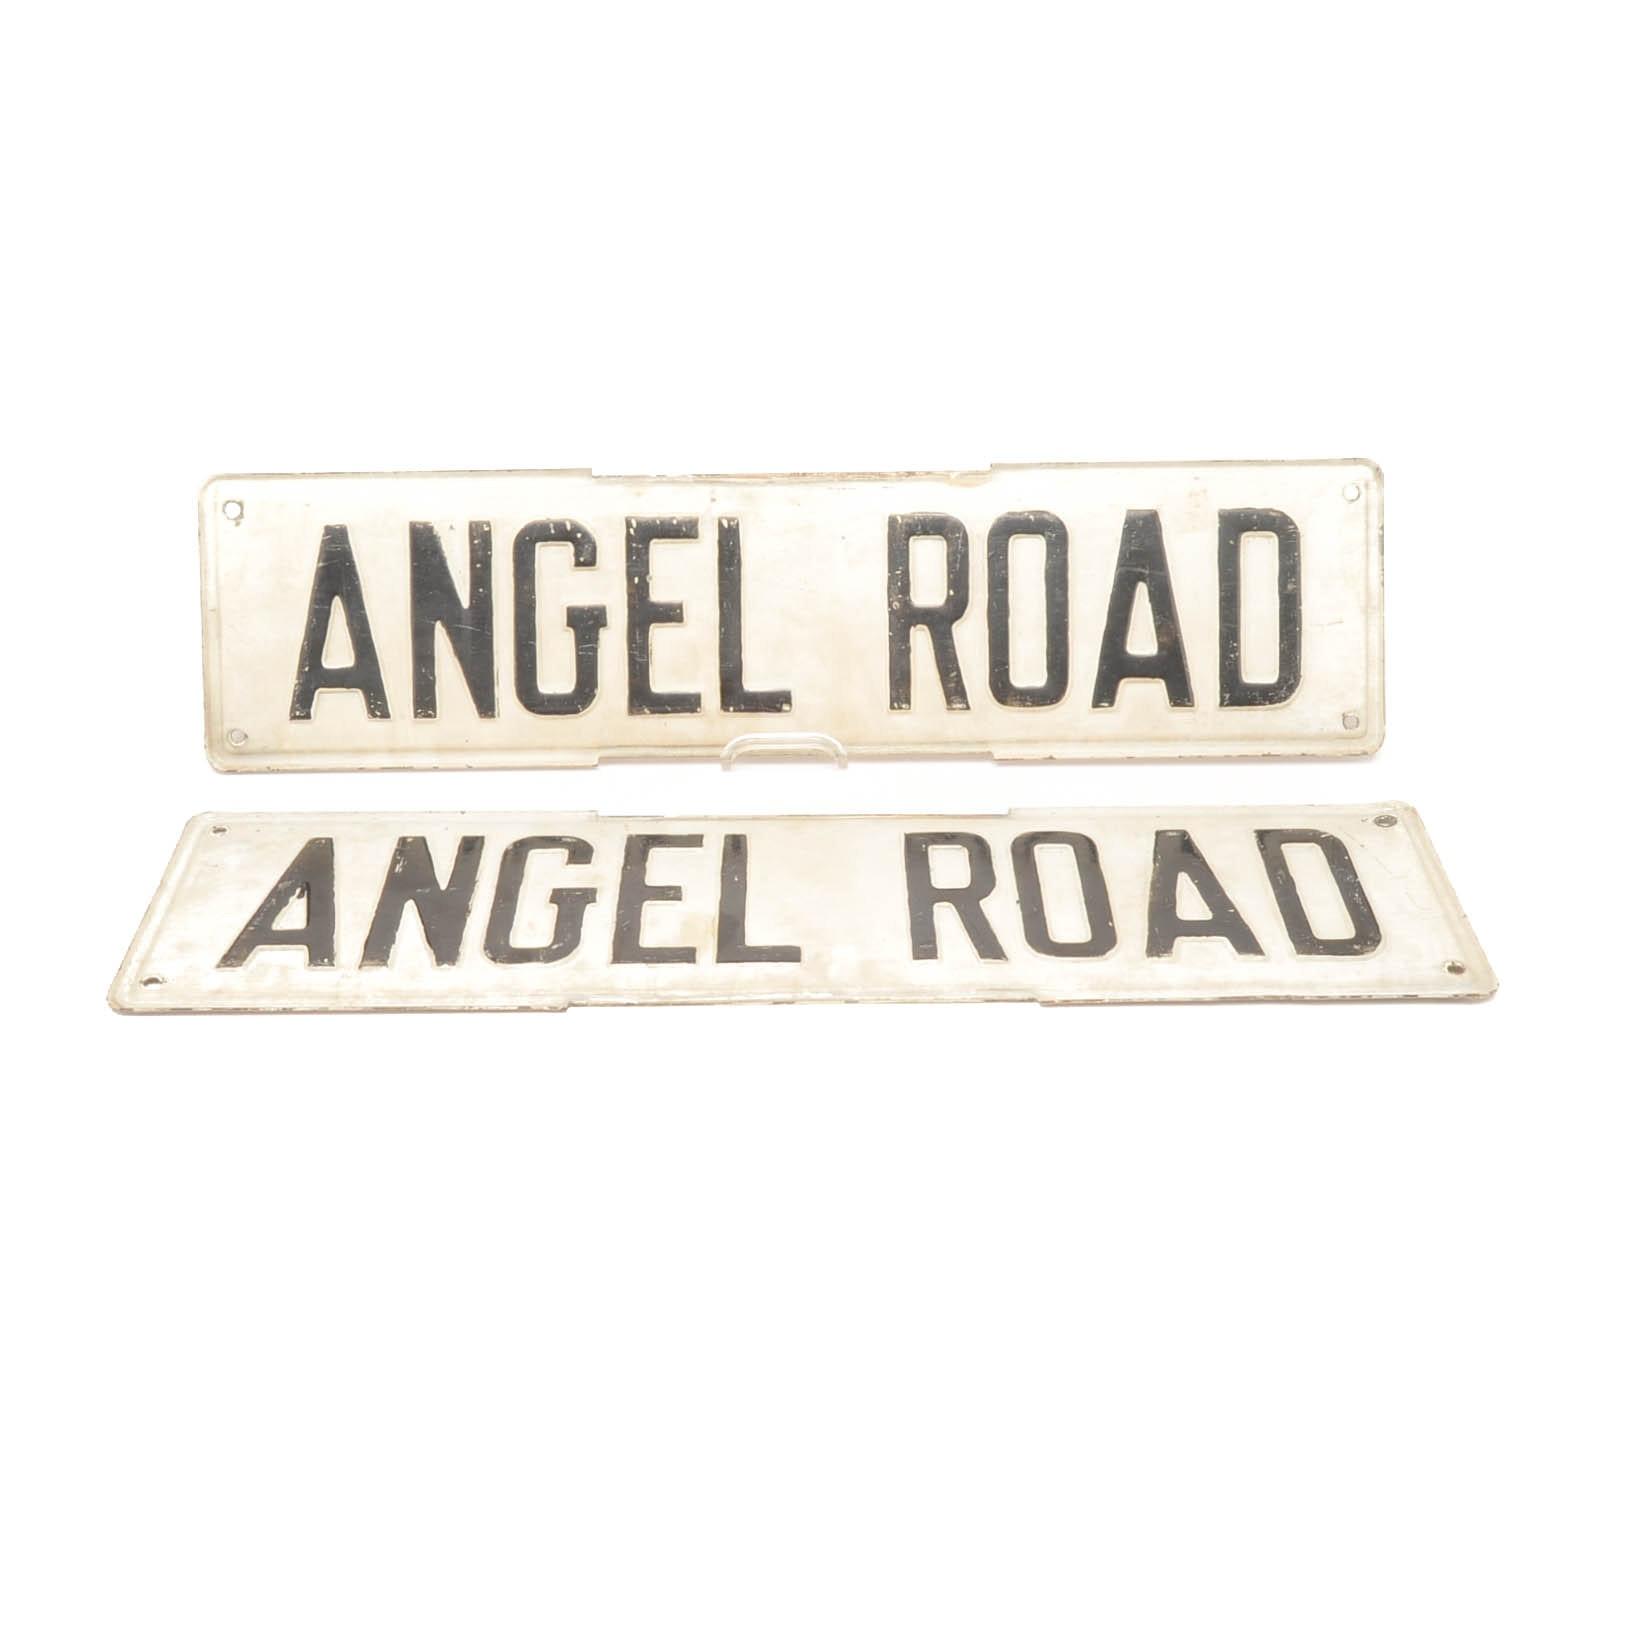 Pair of Vintage Metal and Enamel Angel Road Road Signs